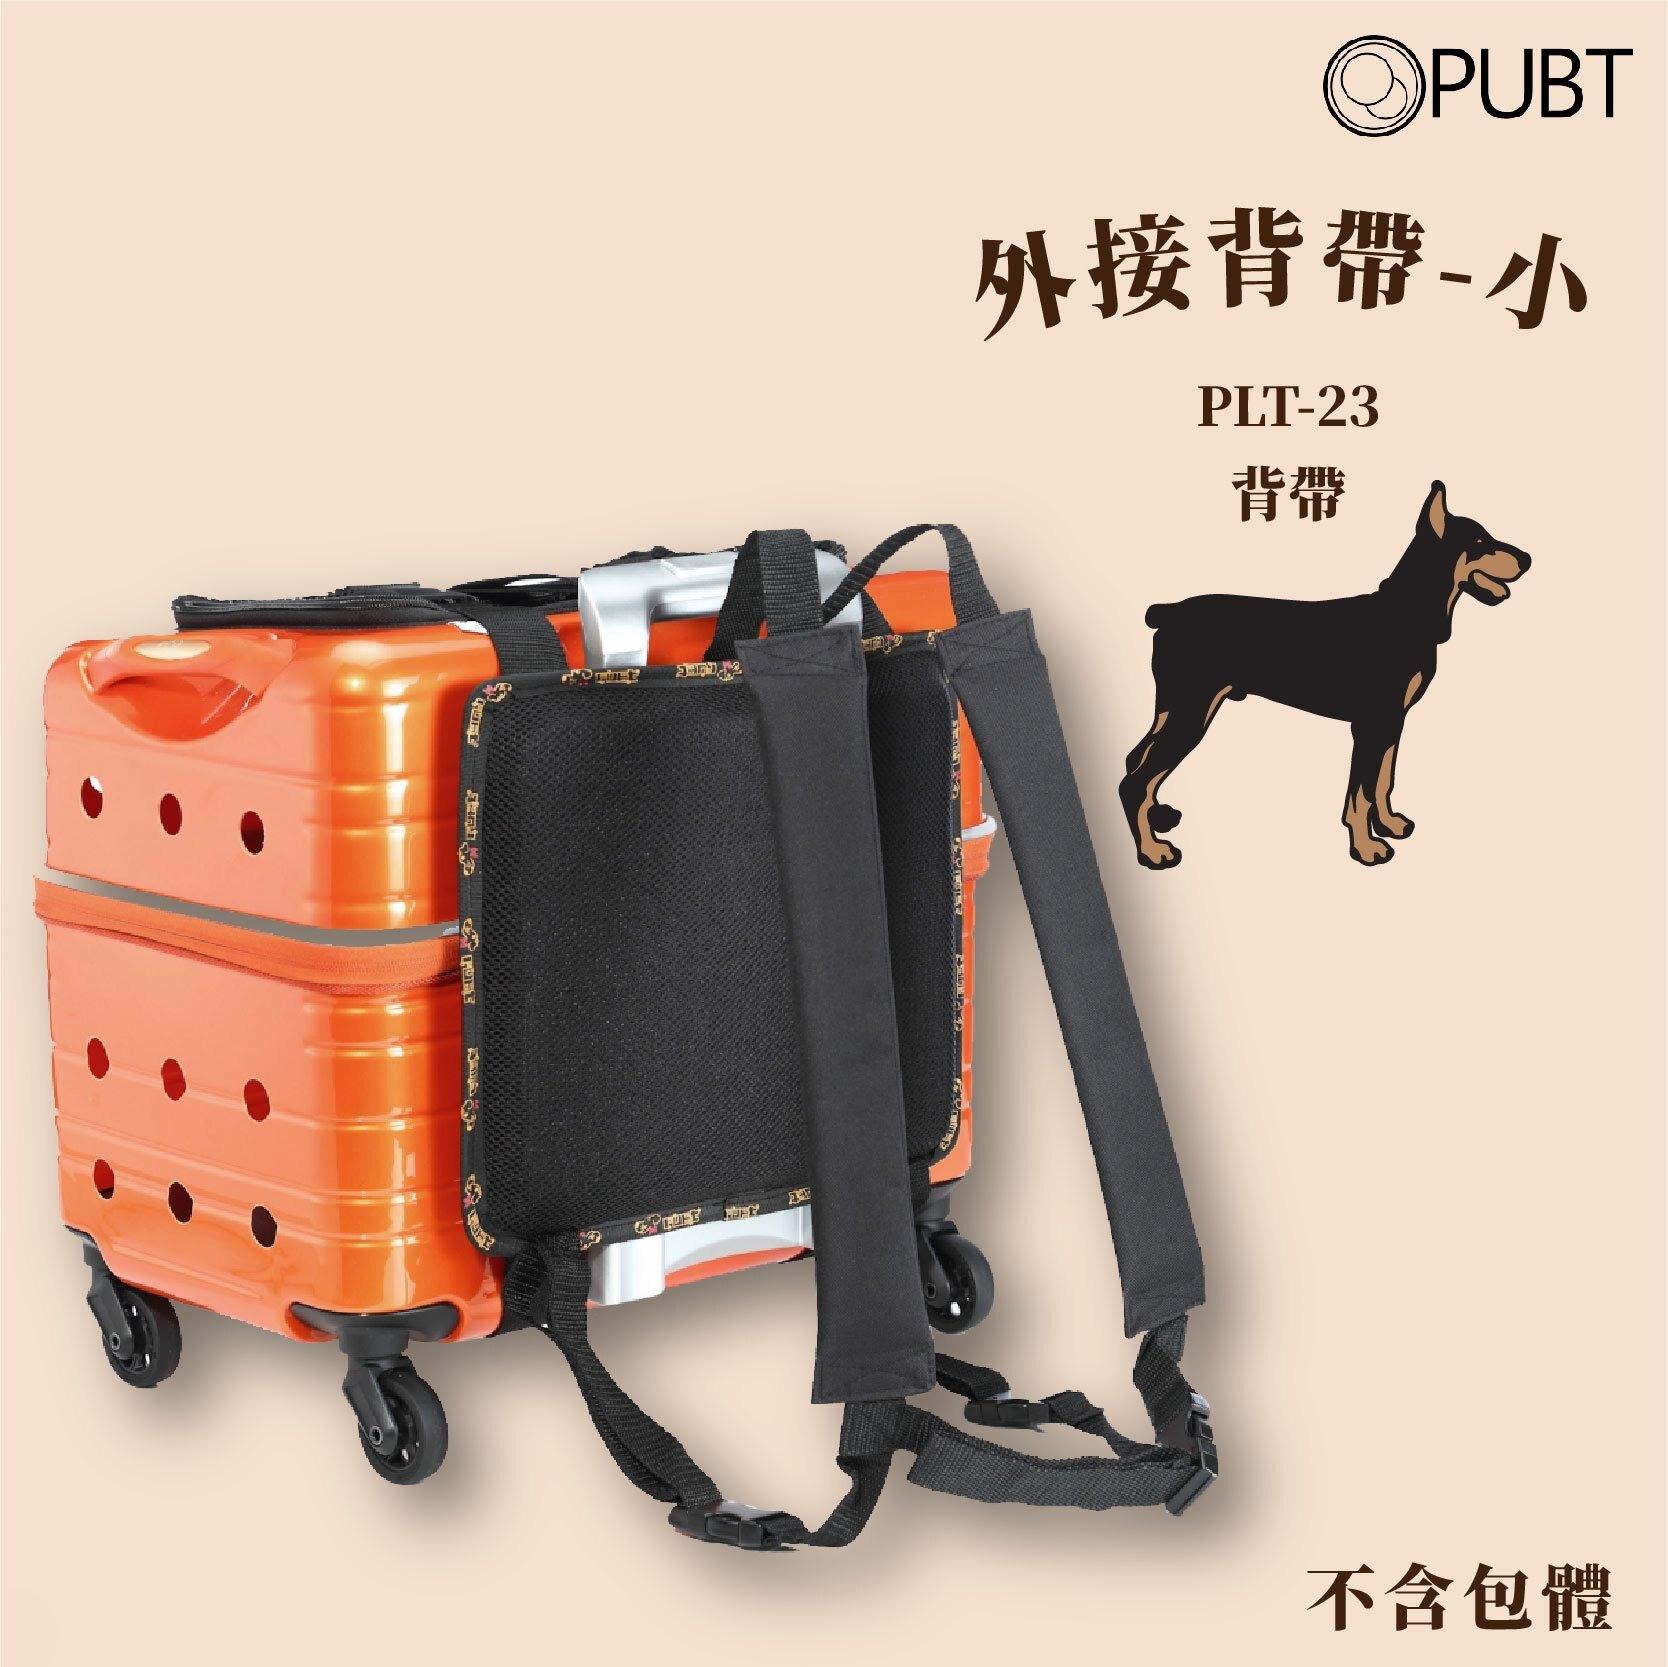 【PUBT】城堡配件✧外接背帶-小(不含拉桿箱) PLT-23 拉桿包 拉桿箱 外出籠 外出包 狗籠 貓籠 寵物背包 太空包